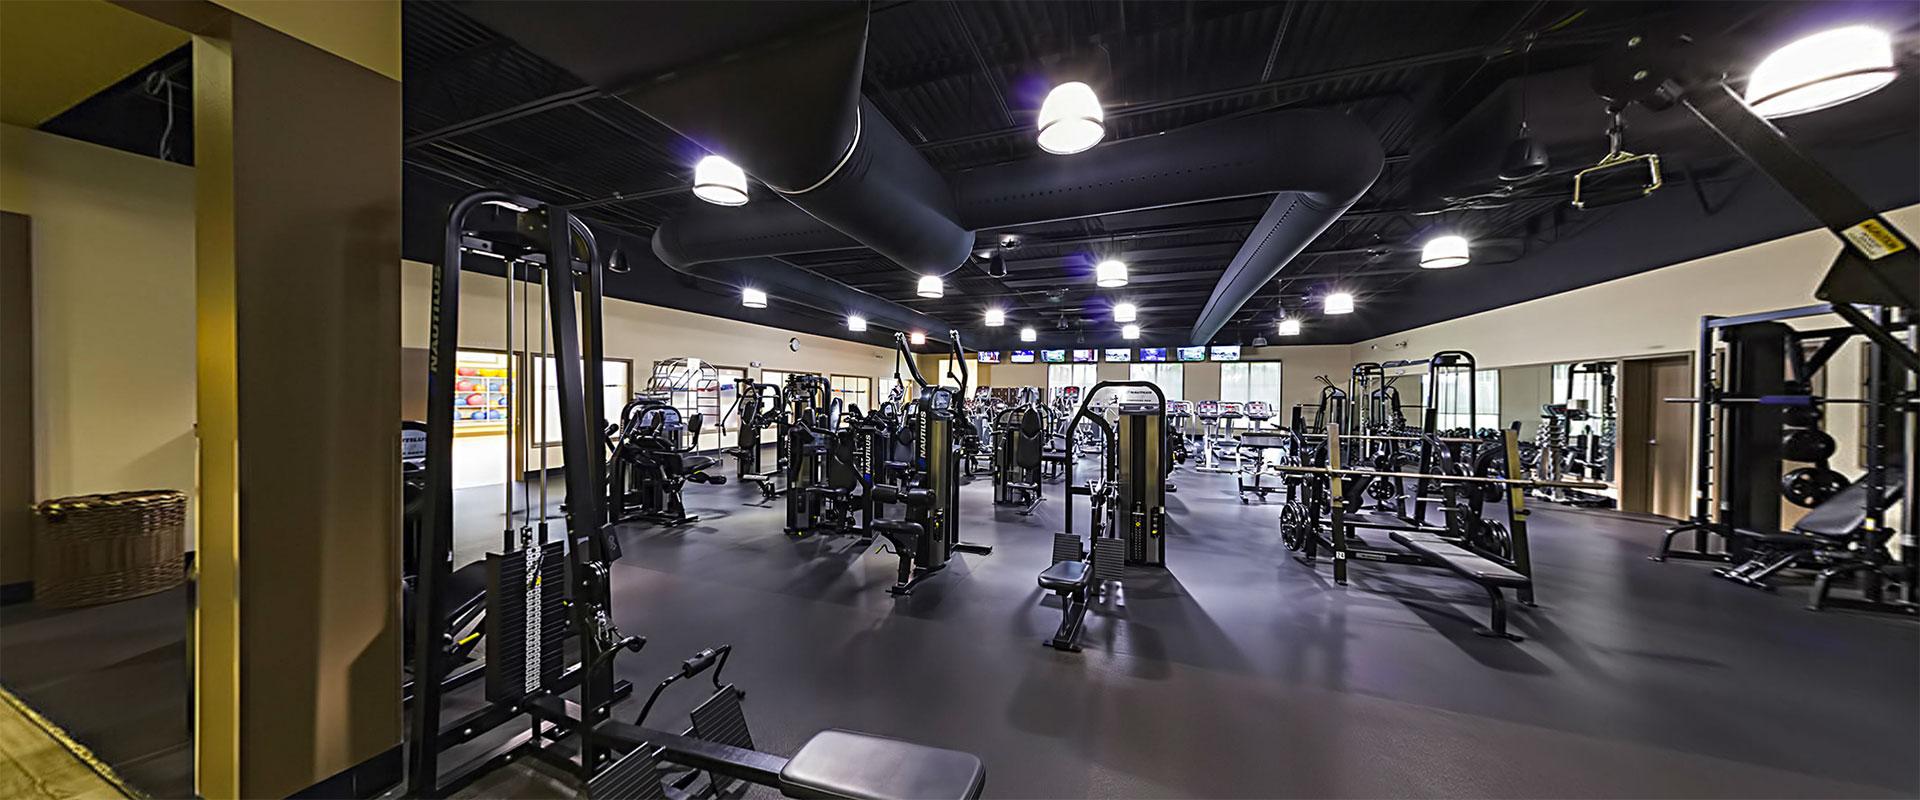 fitness-center-vt